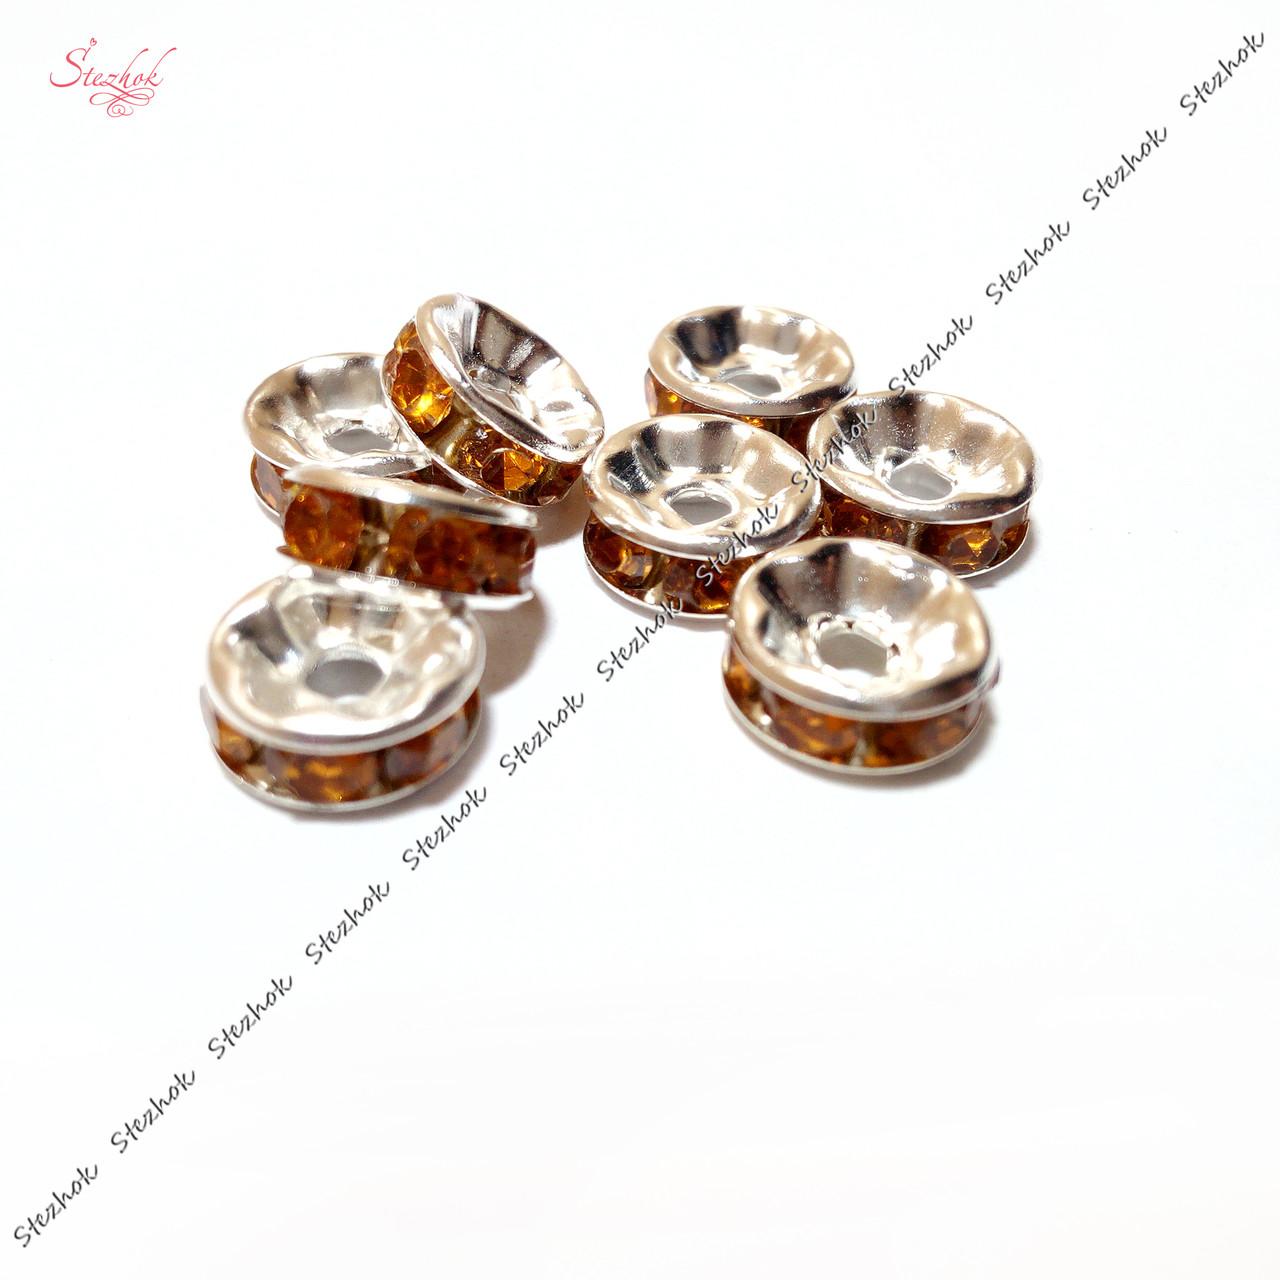 Металлическая бусина-разделитель 8х4 мм со стразами для рукоделия цвет оранжевый